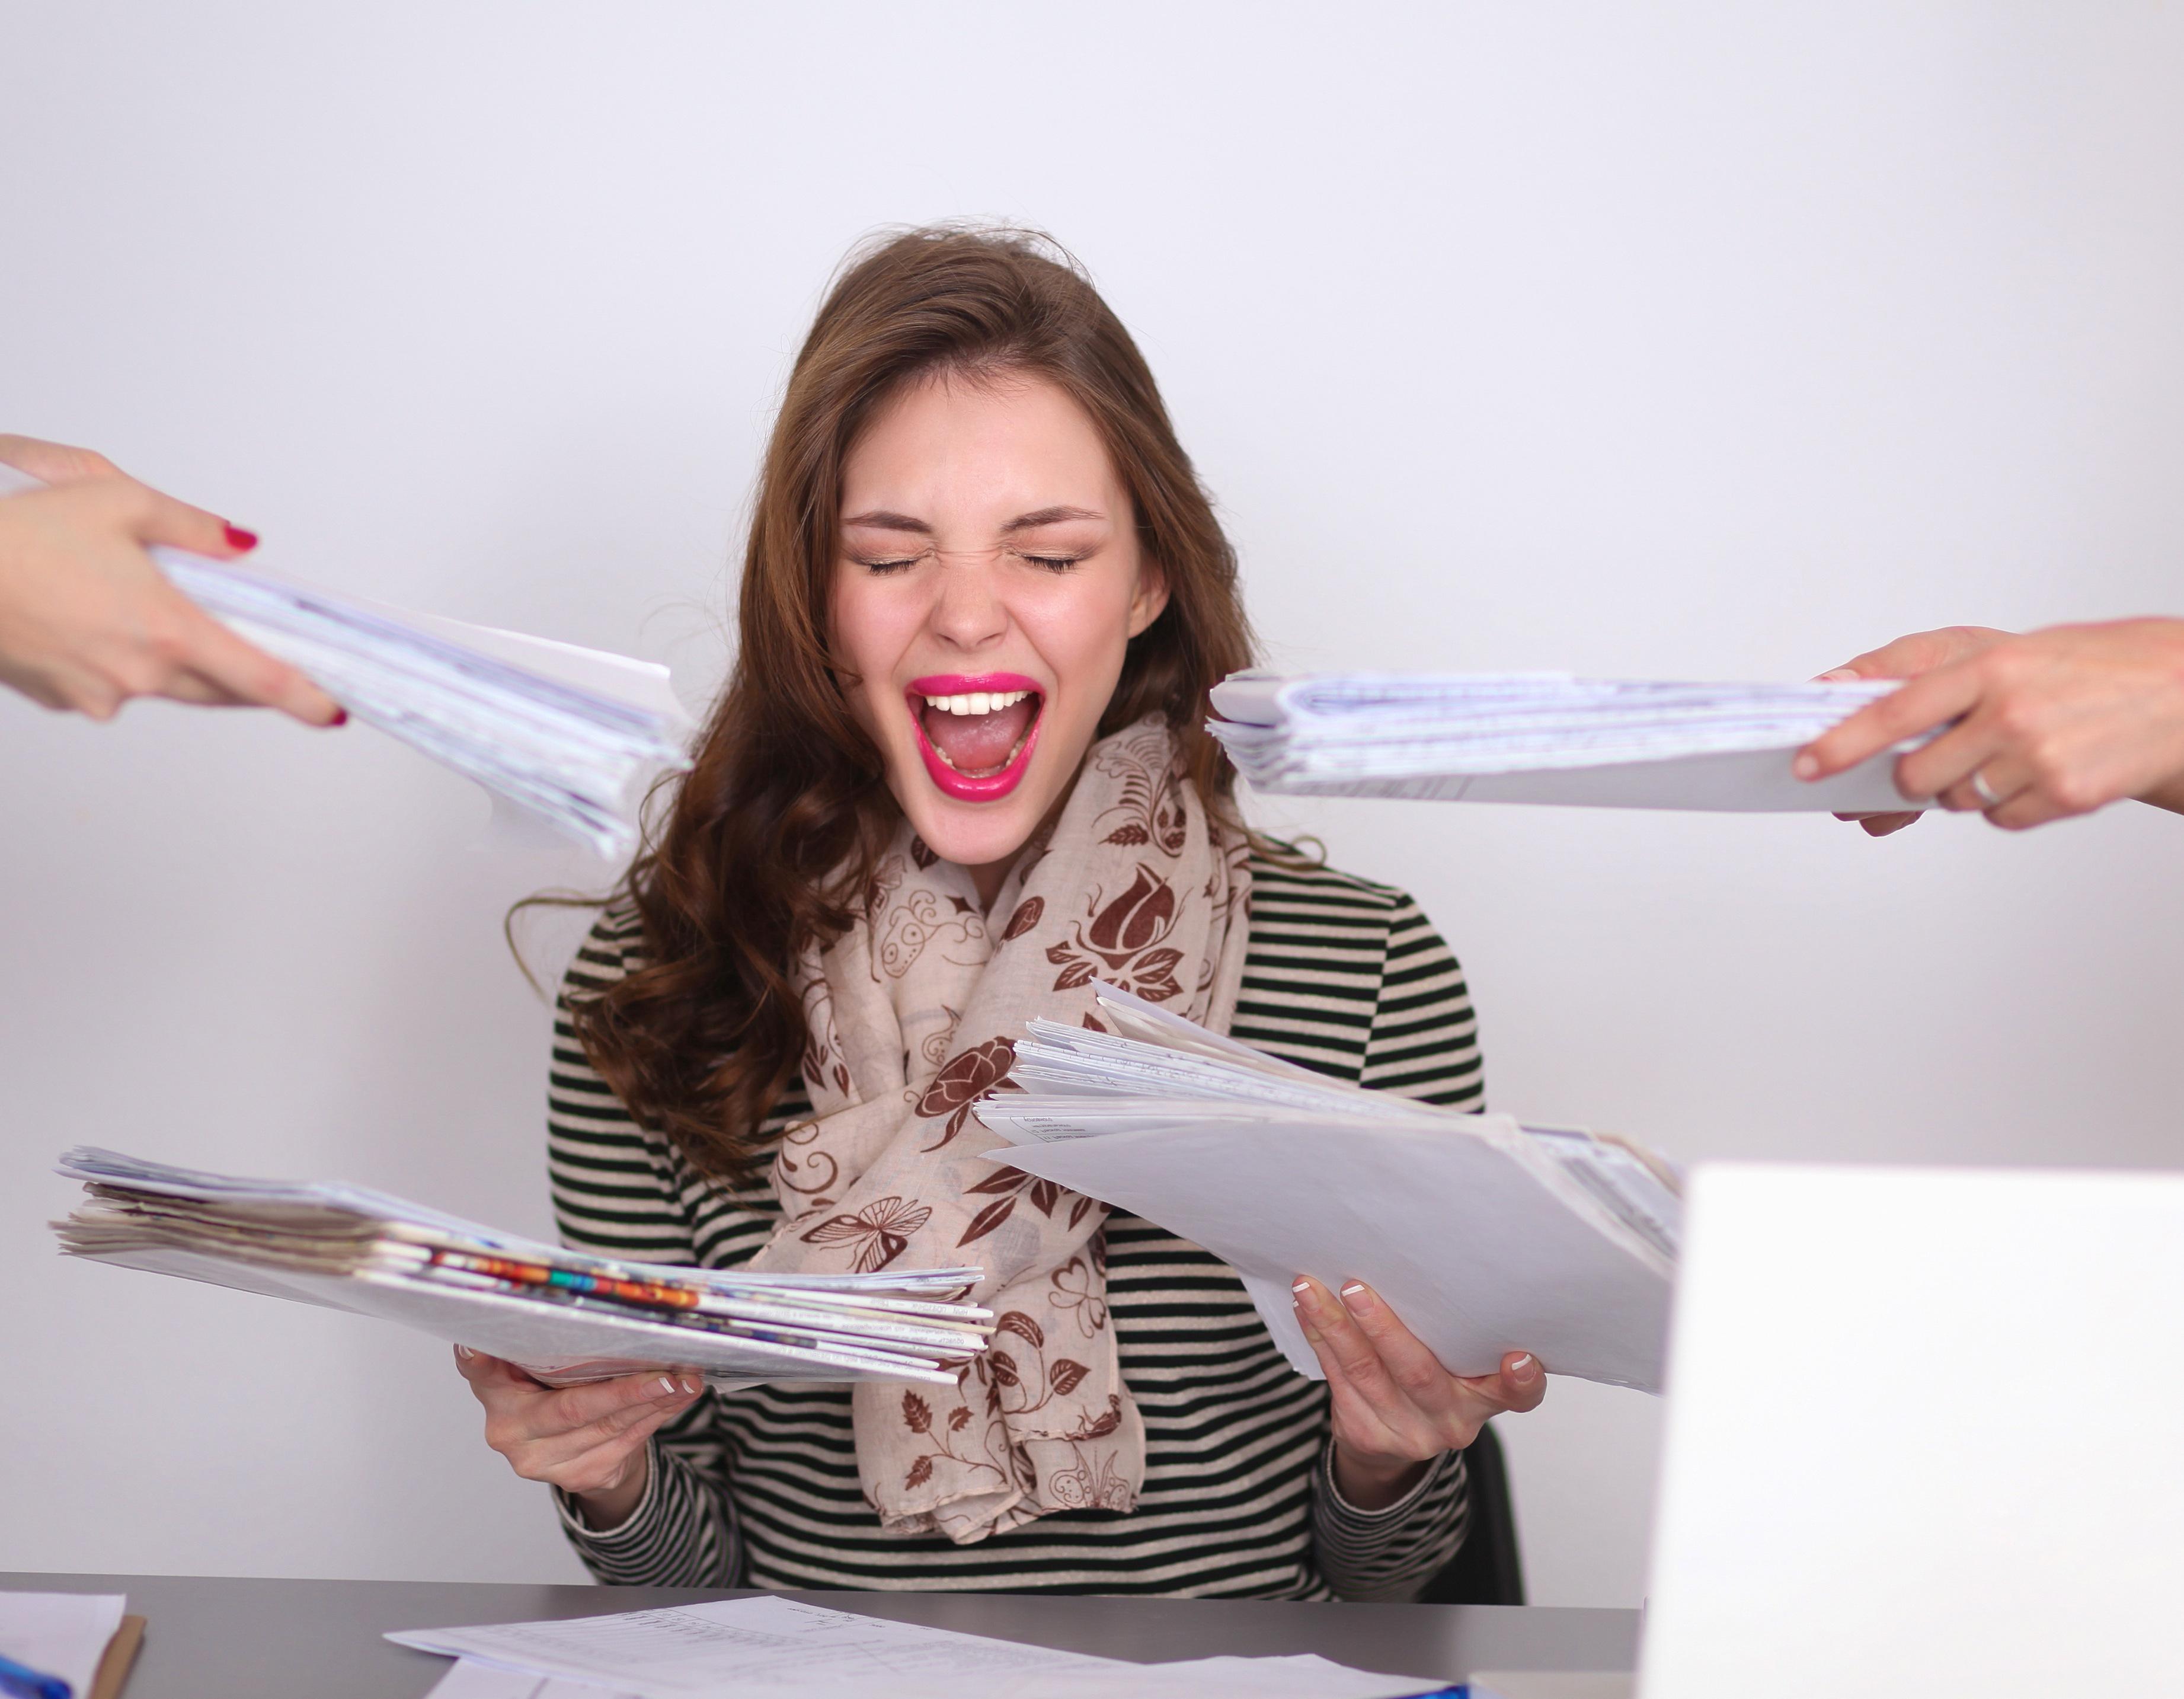 Oei! Door stress kom je blijkbaar echt aan!